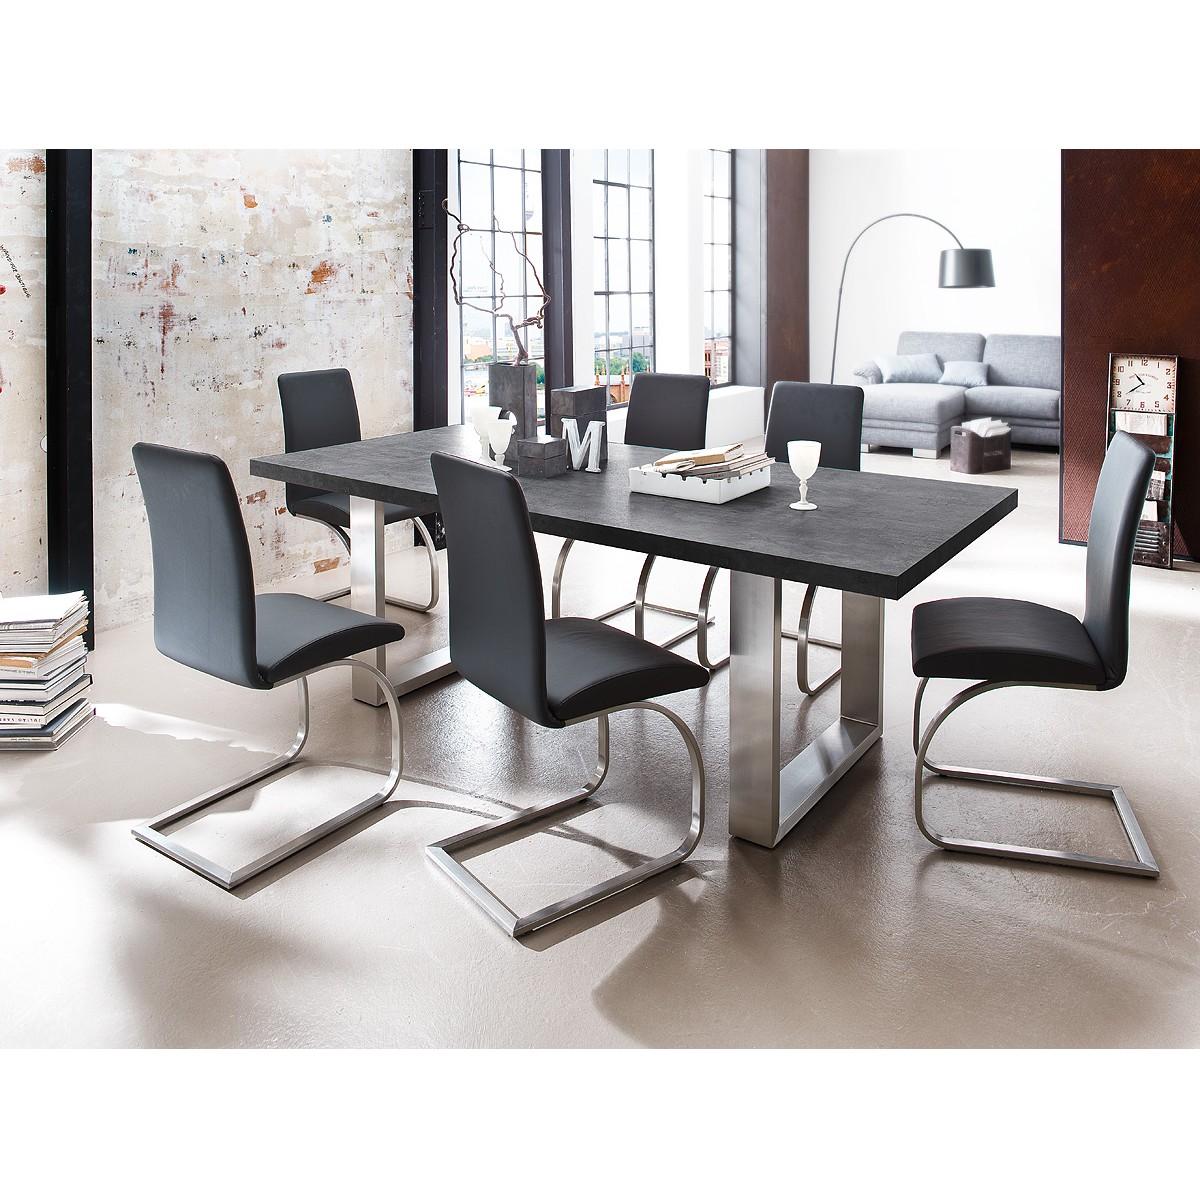 21 sparen esstisch boonton von fredriks nur 499 99 for Tischplatte marmoroptik